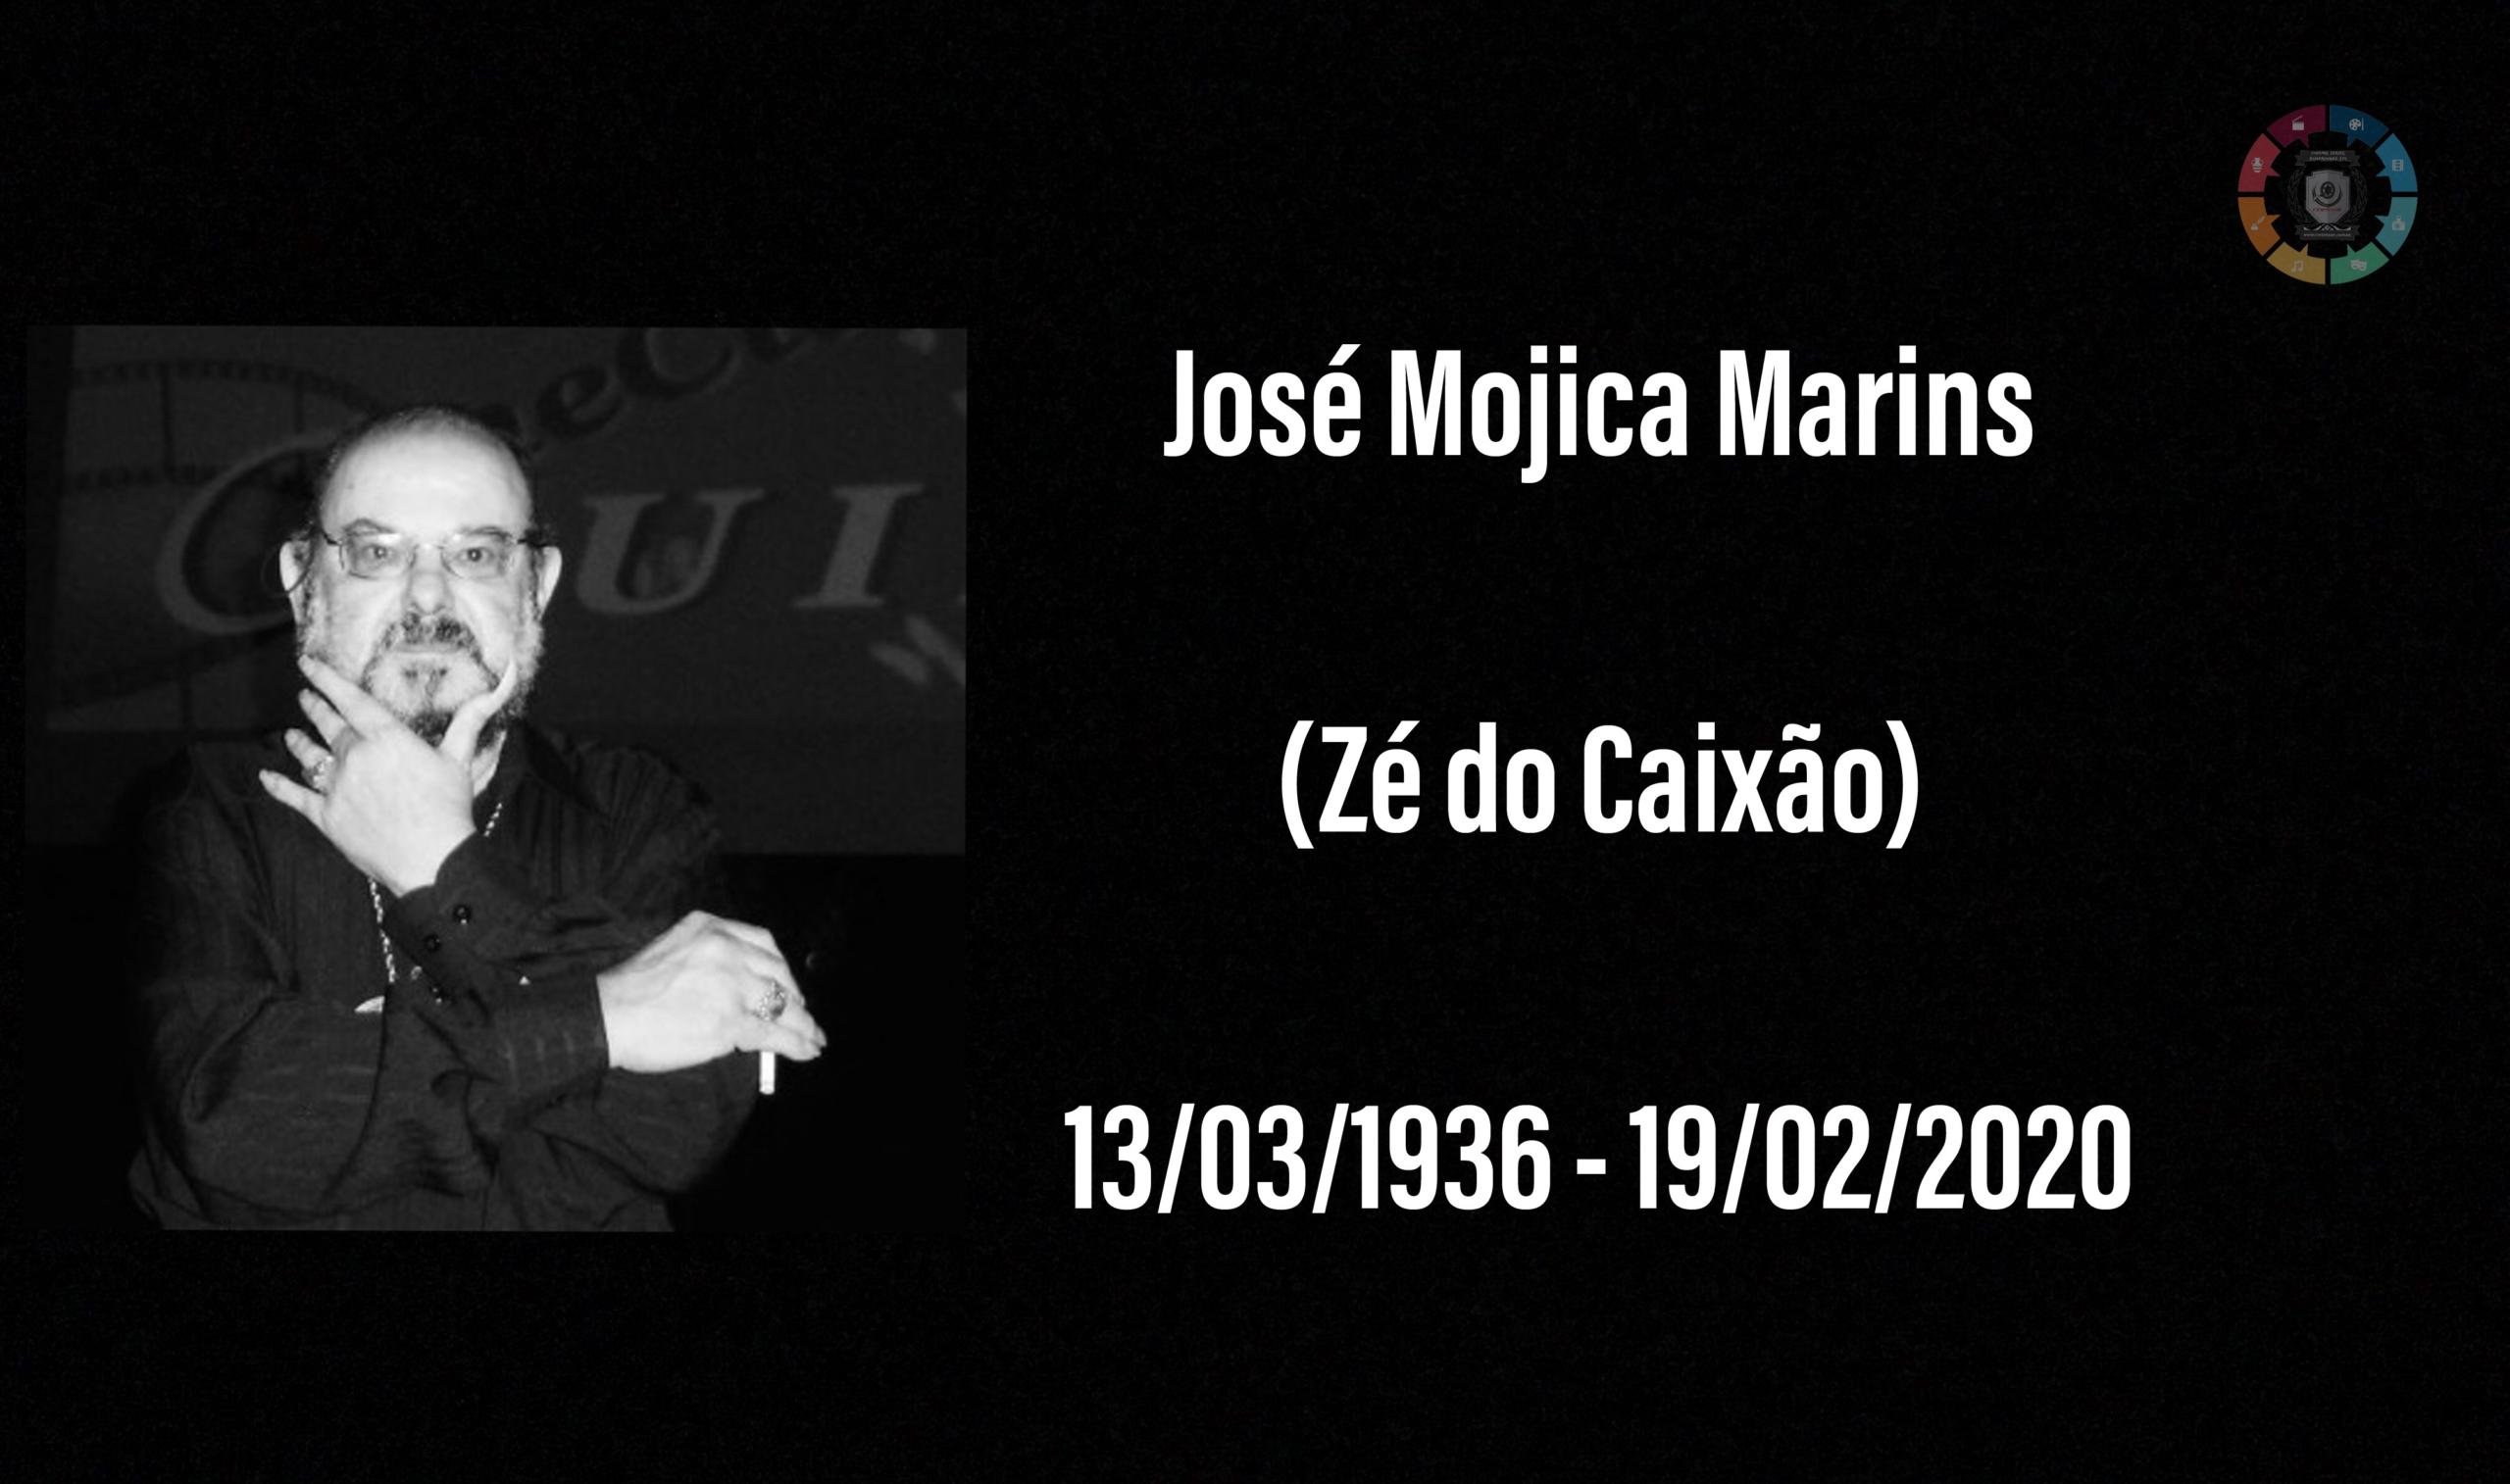 Morre o cineasta José Mojica Marins, o Zé do Caixão 1